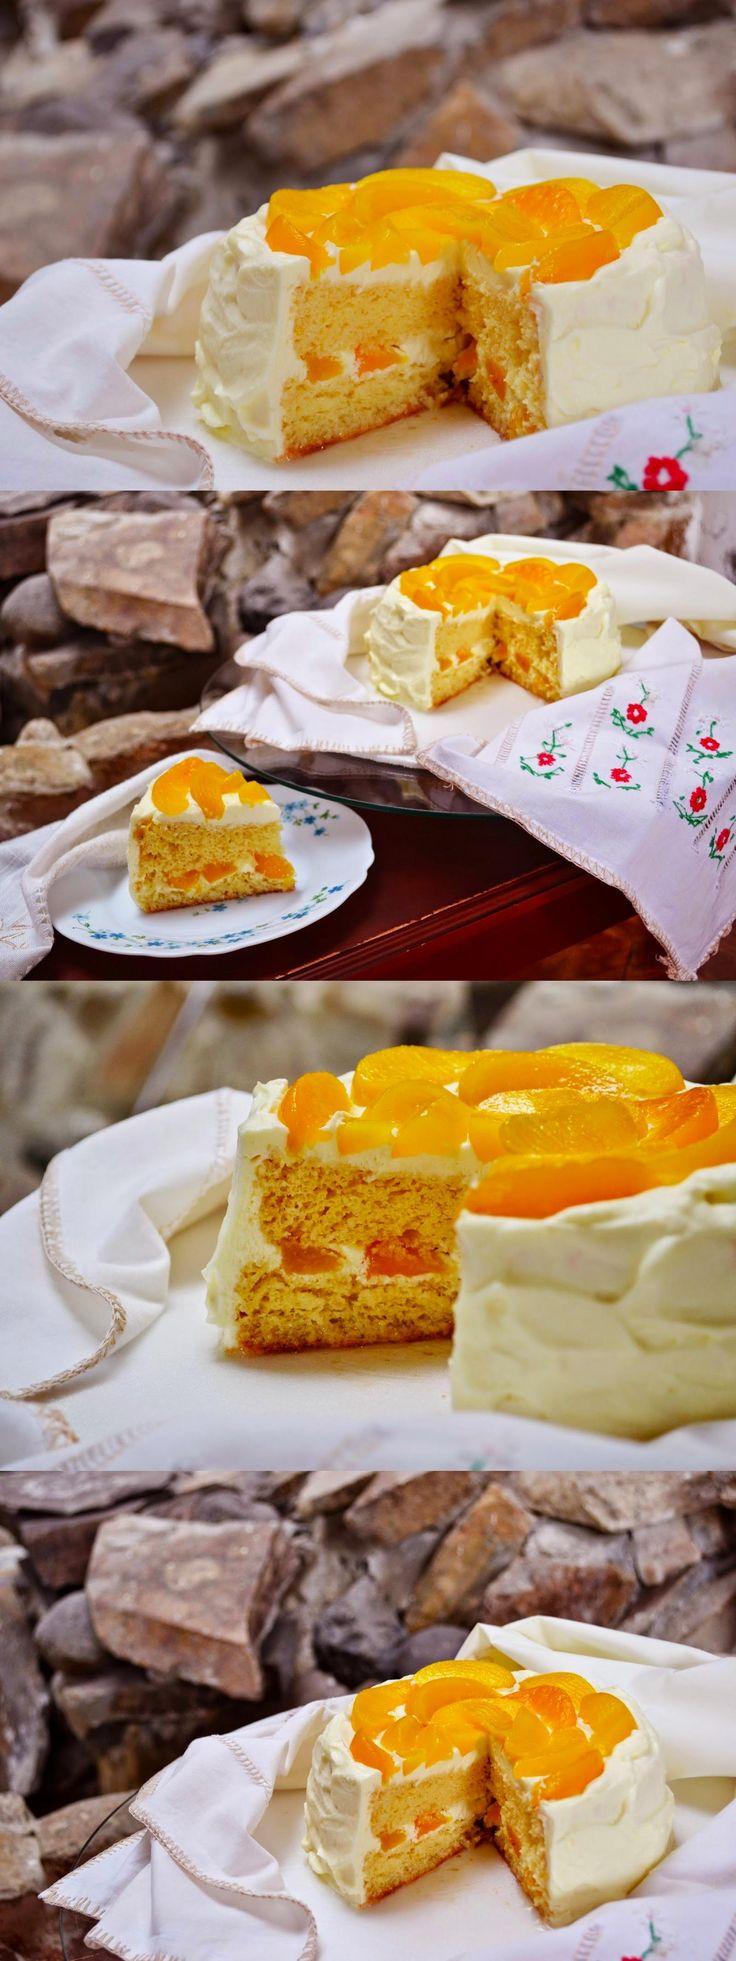 Pastel con trocitos de durazno / http://macadamiaysal.blogspot.com.es/